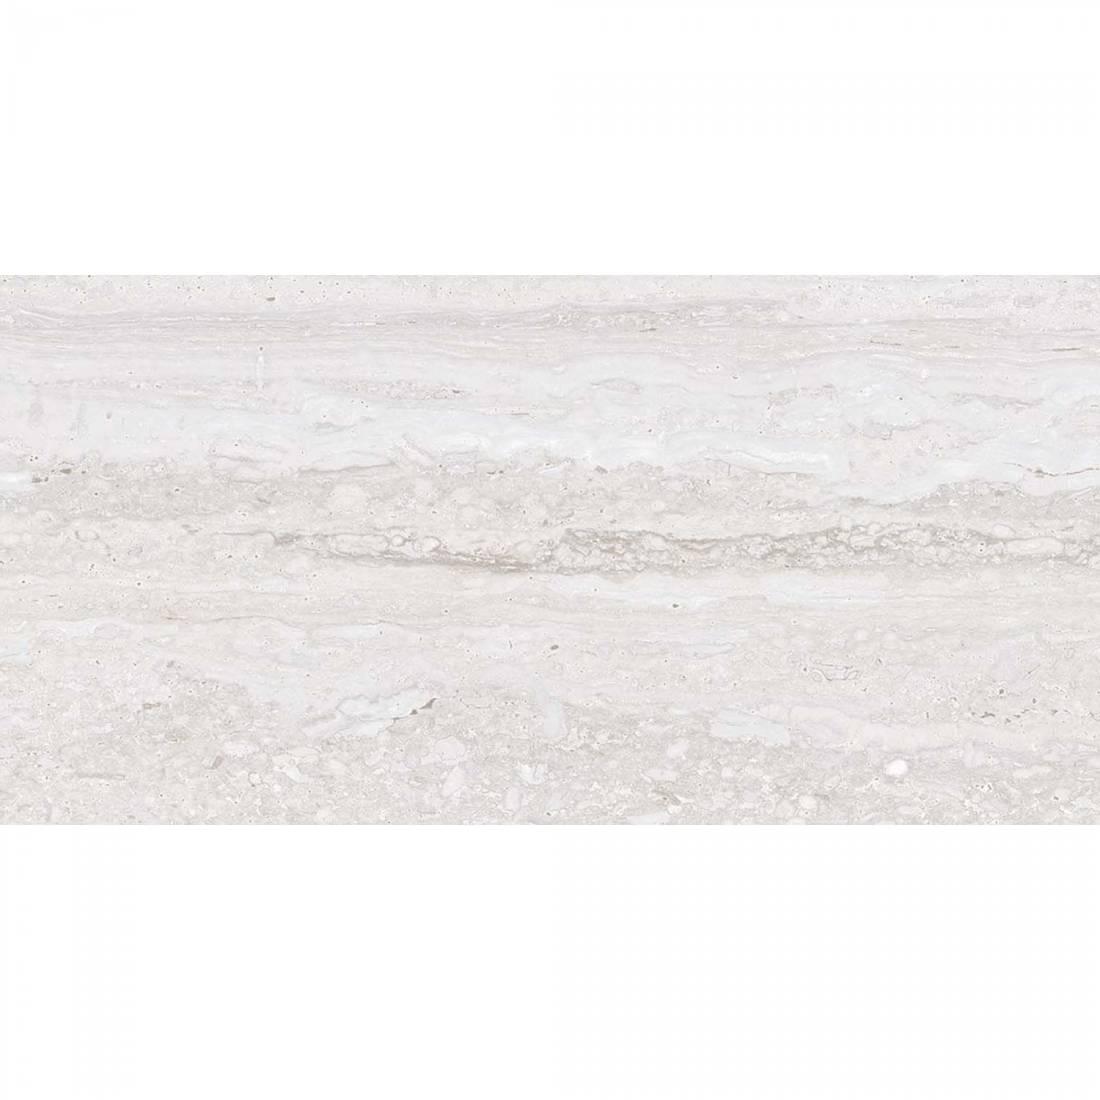 Sedra 30x60 Perla Gloss 1